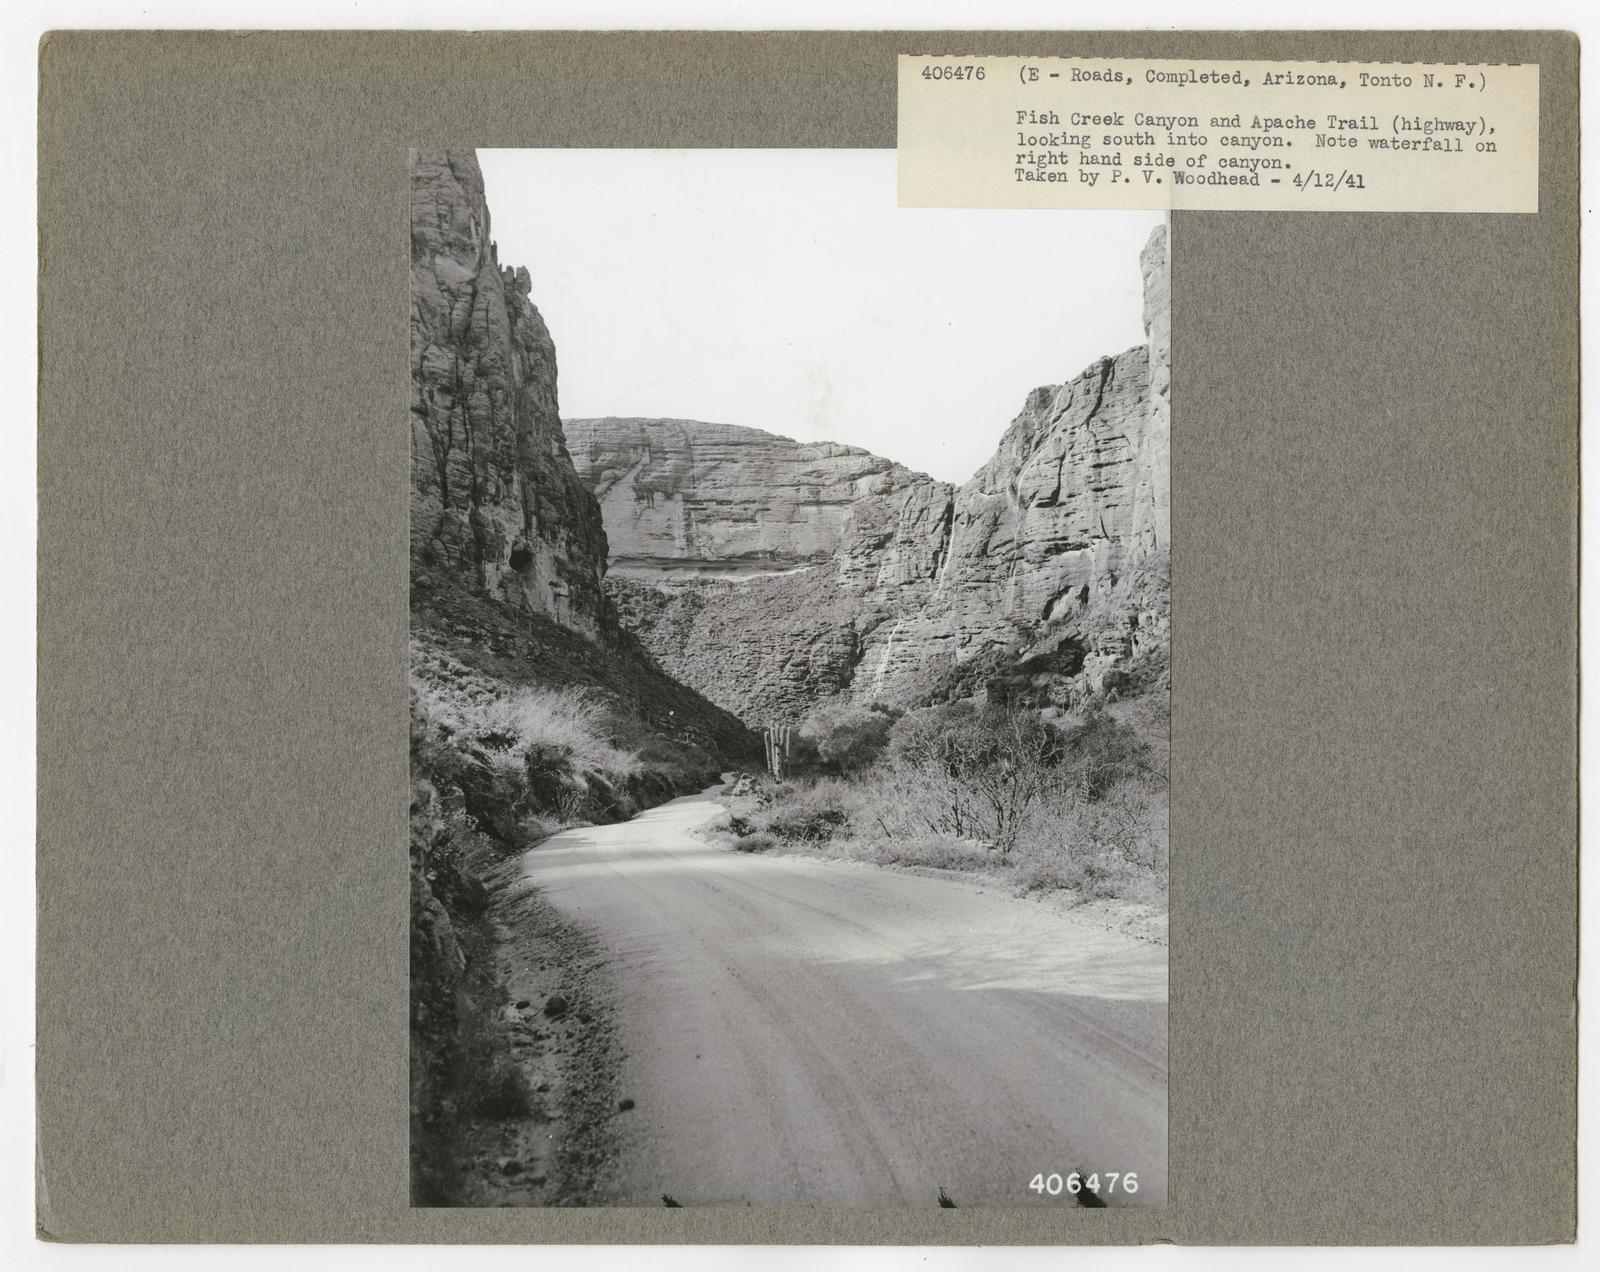 Roads - Arizona